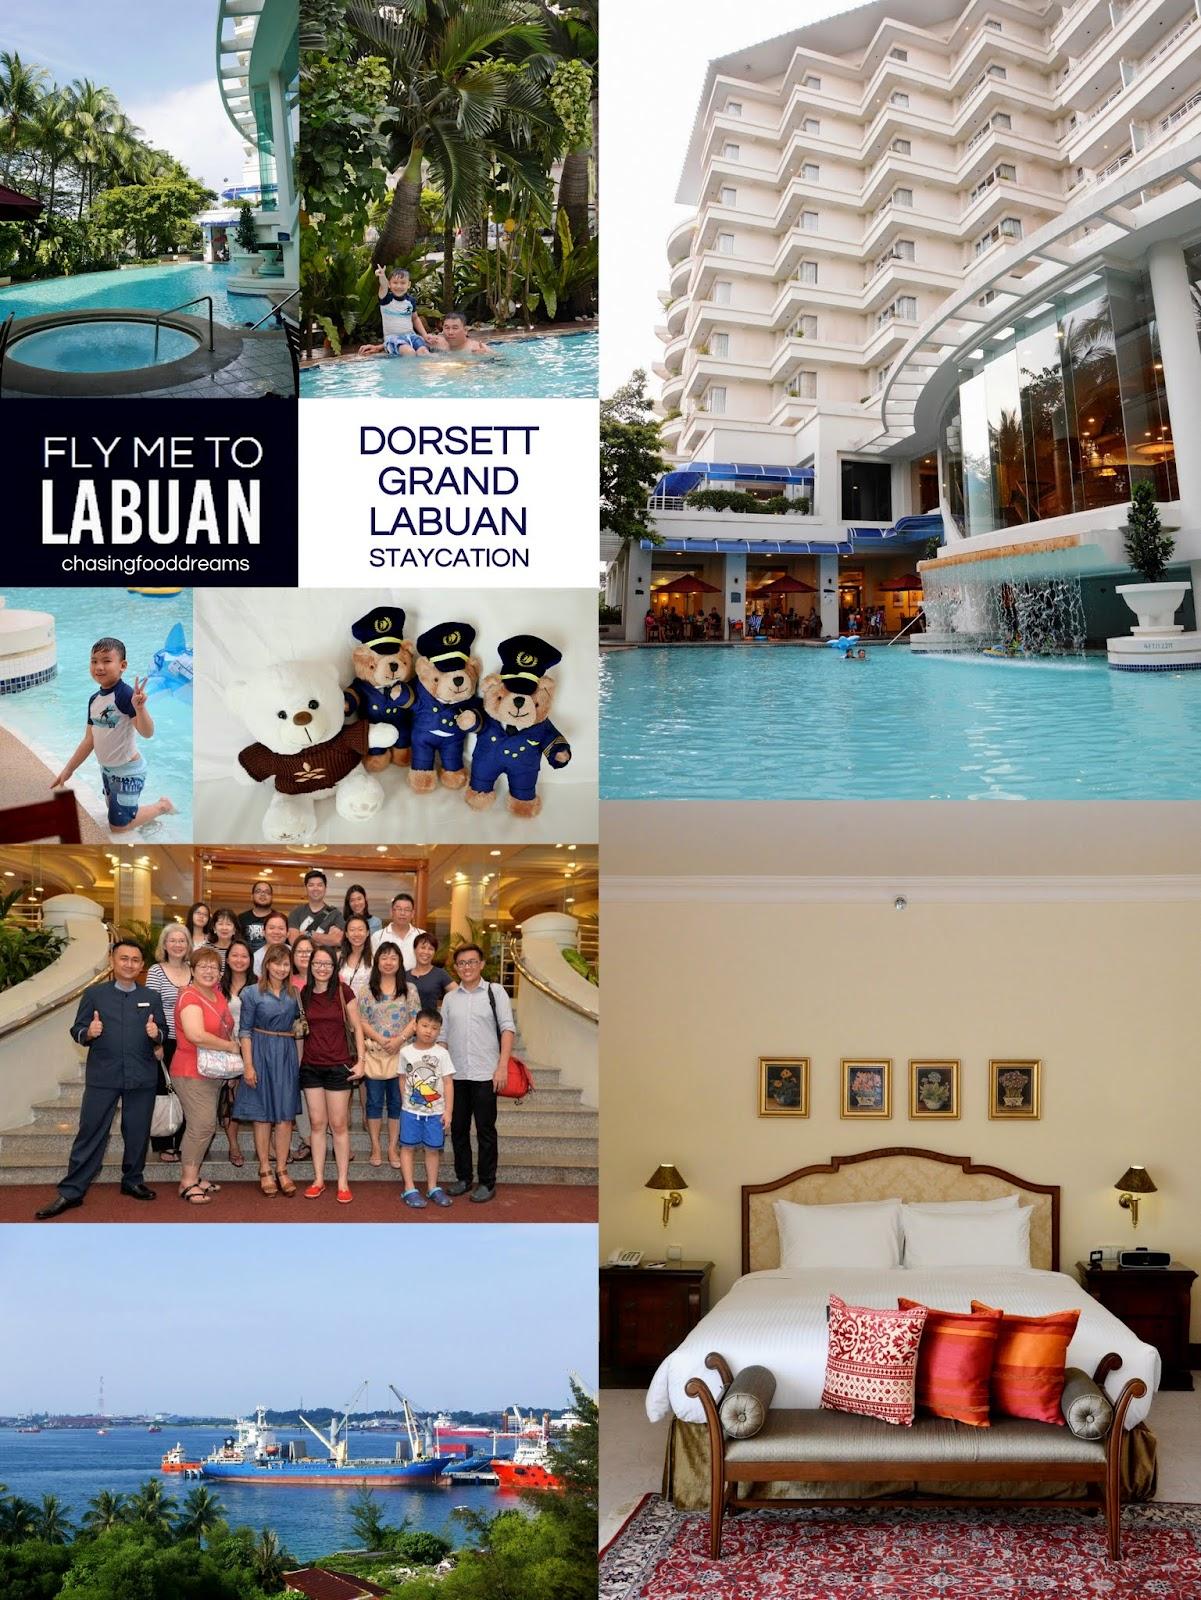 Grand Prestige Hotel Manavgat Antalya T Ef Bf Bdrkei